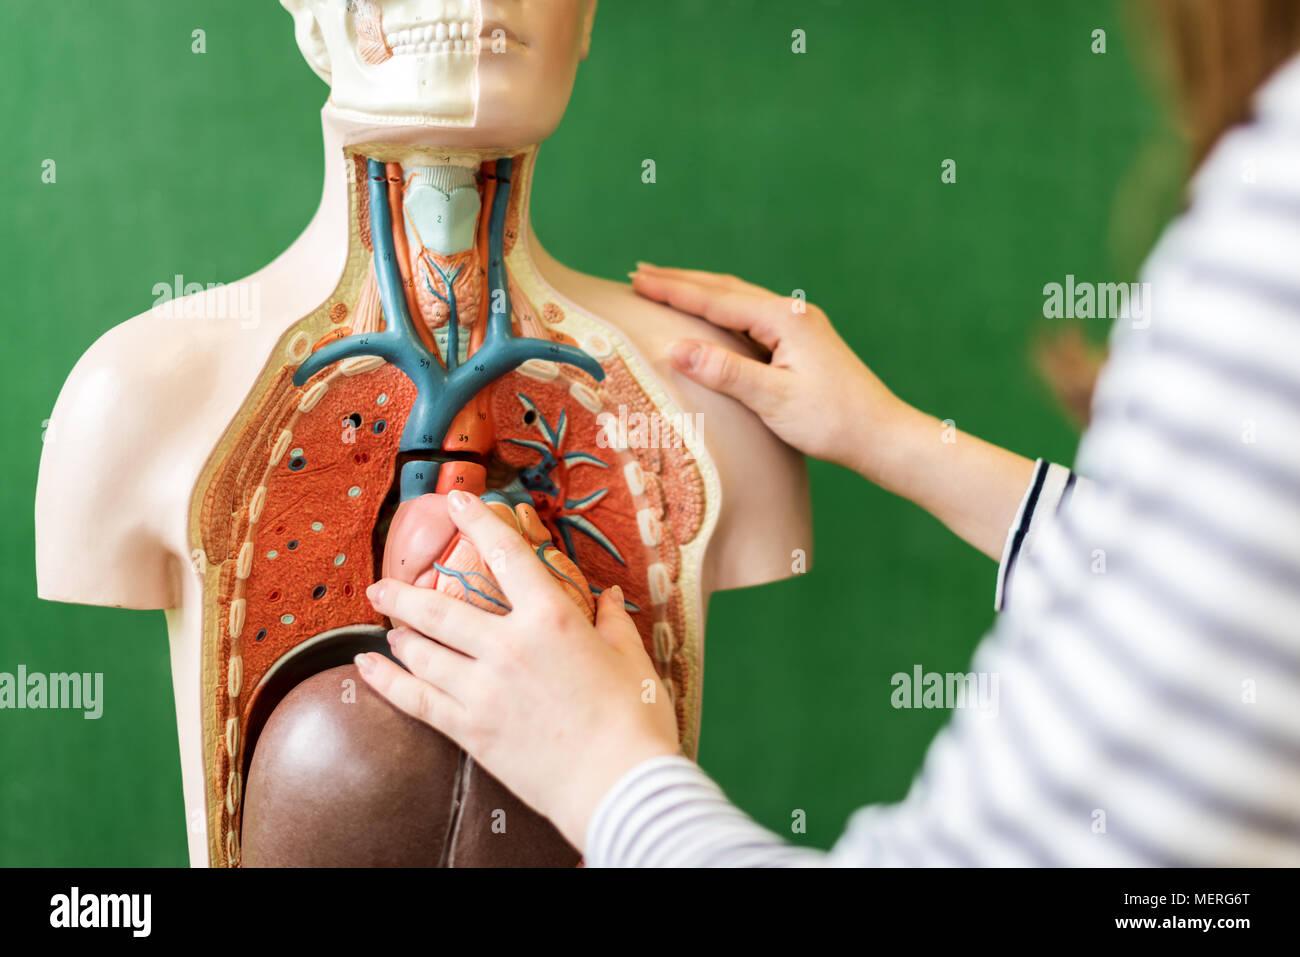 Erfreut Hybrid Anatomie Und Physiologie Kurse Bilder - Menschliche ...